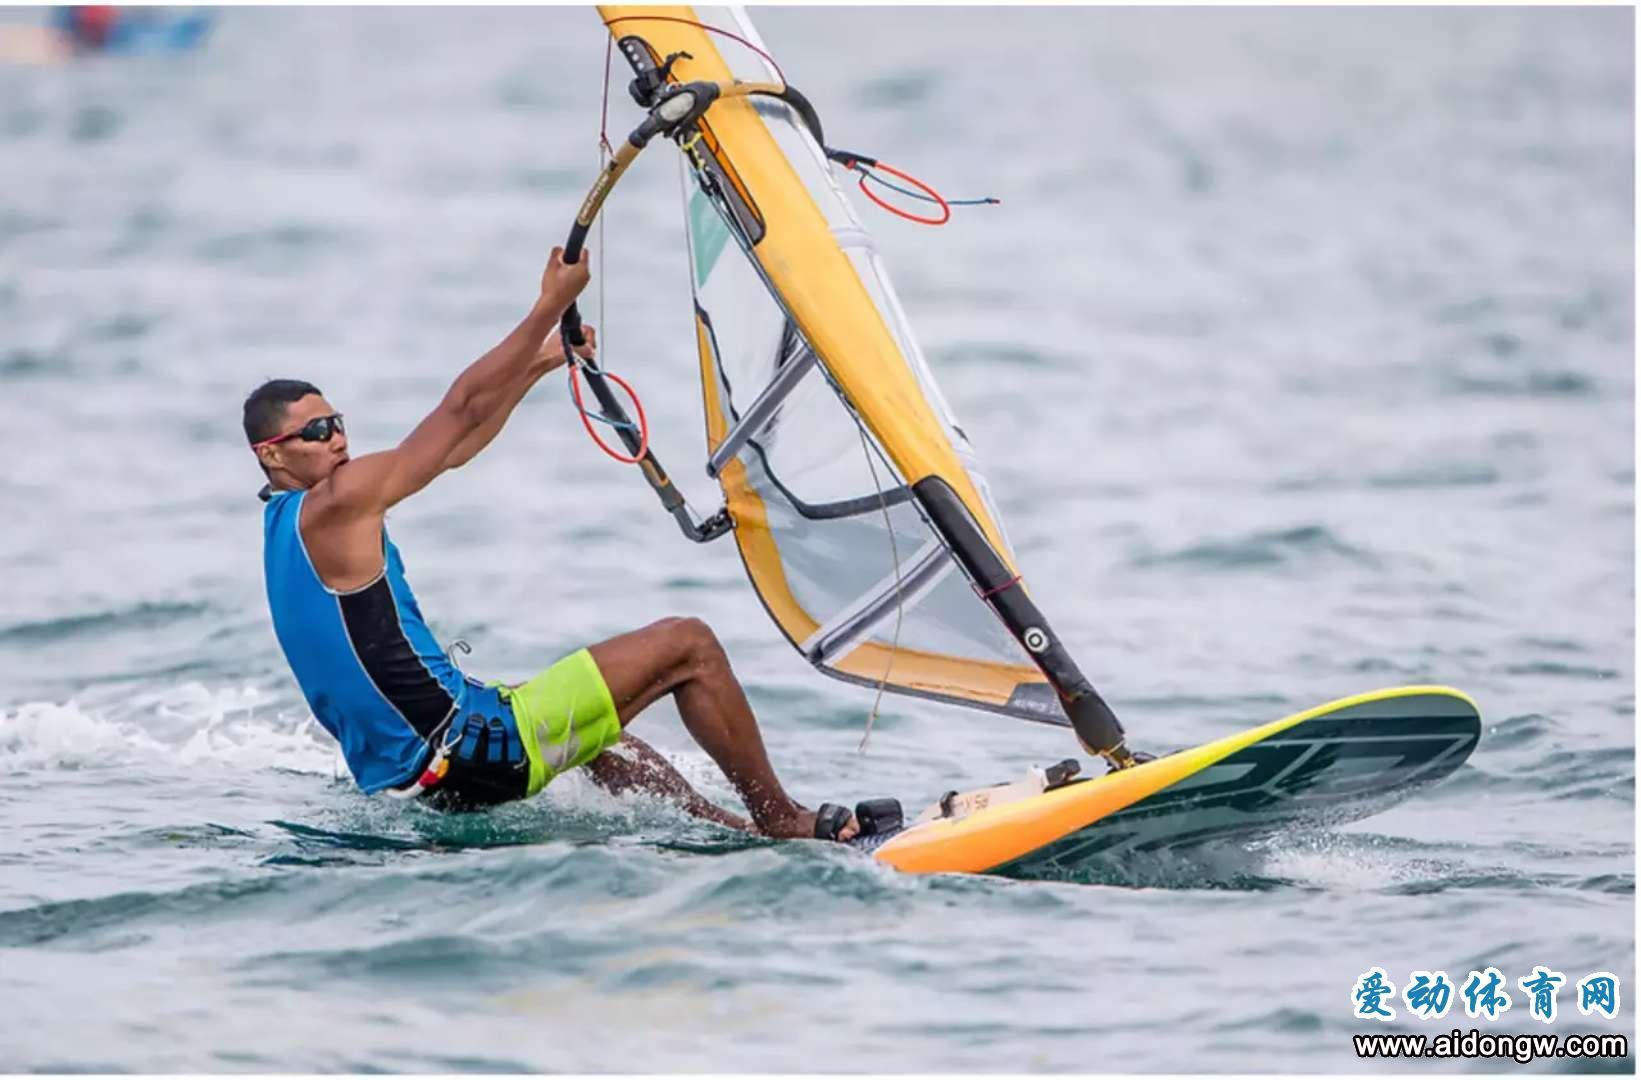 【重磅】海南选手毕焜获东京奥运门票 中国帆船帆板队4张奥运入场券到手